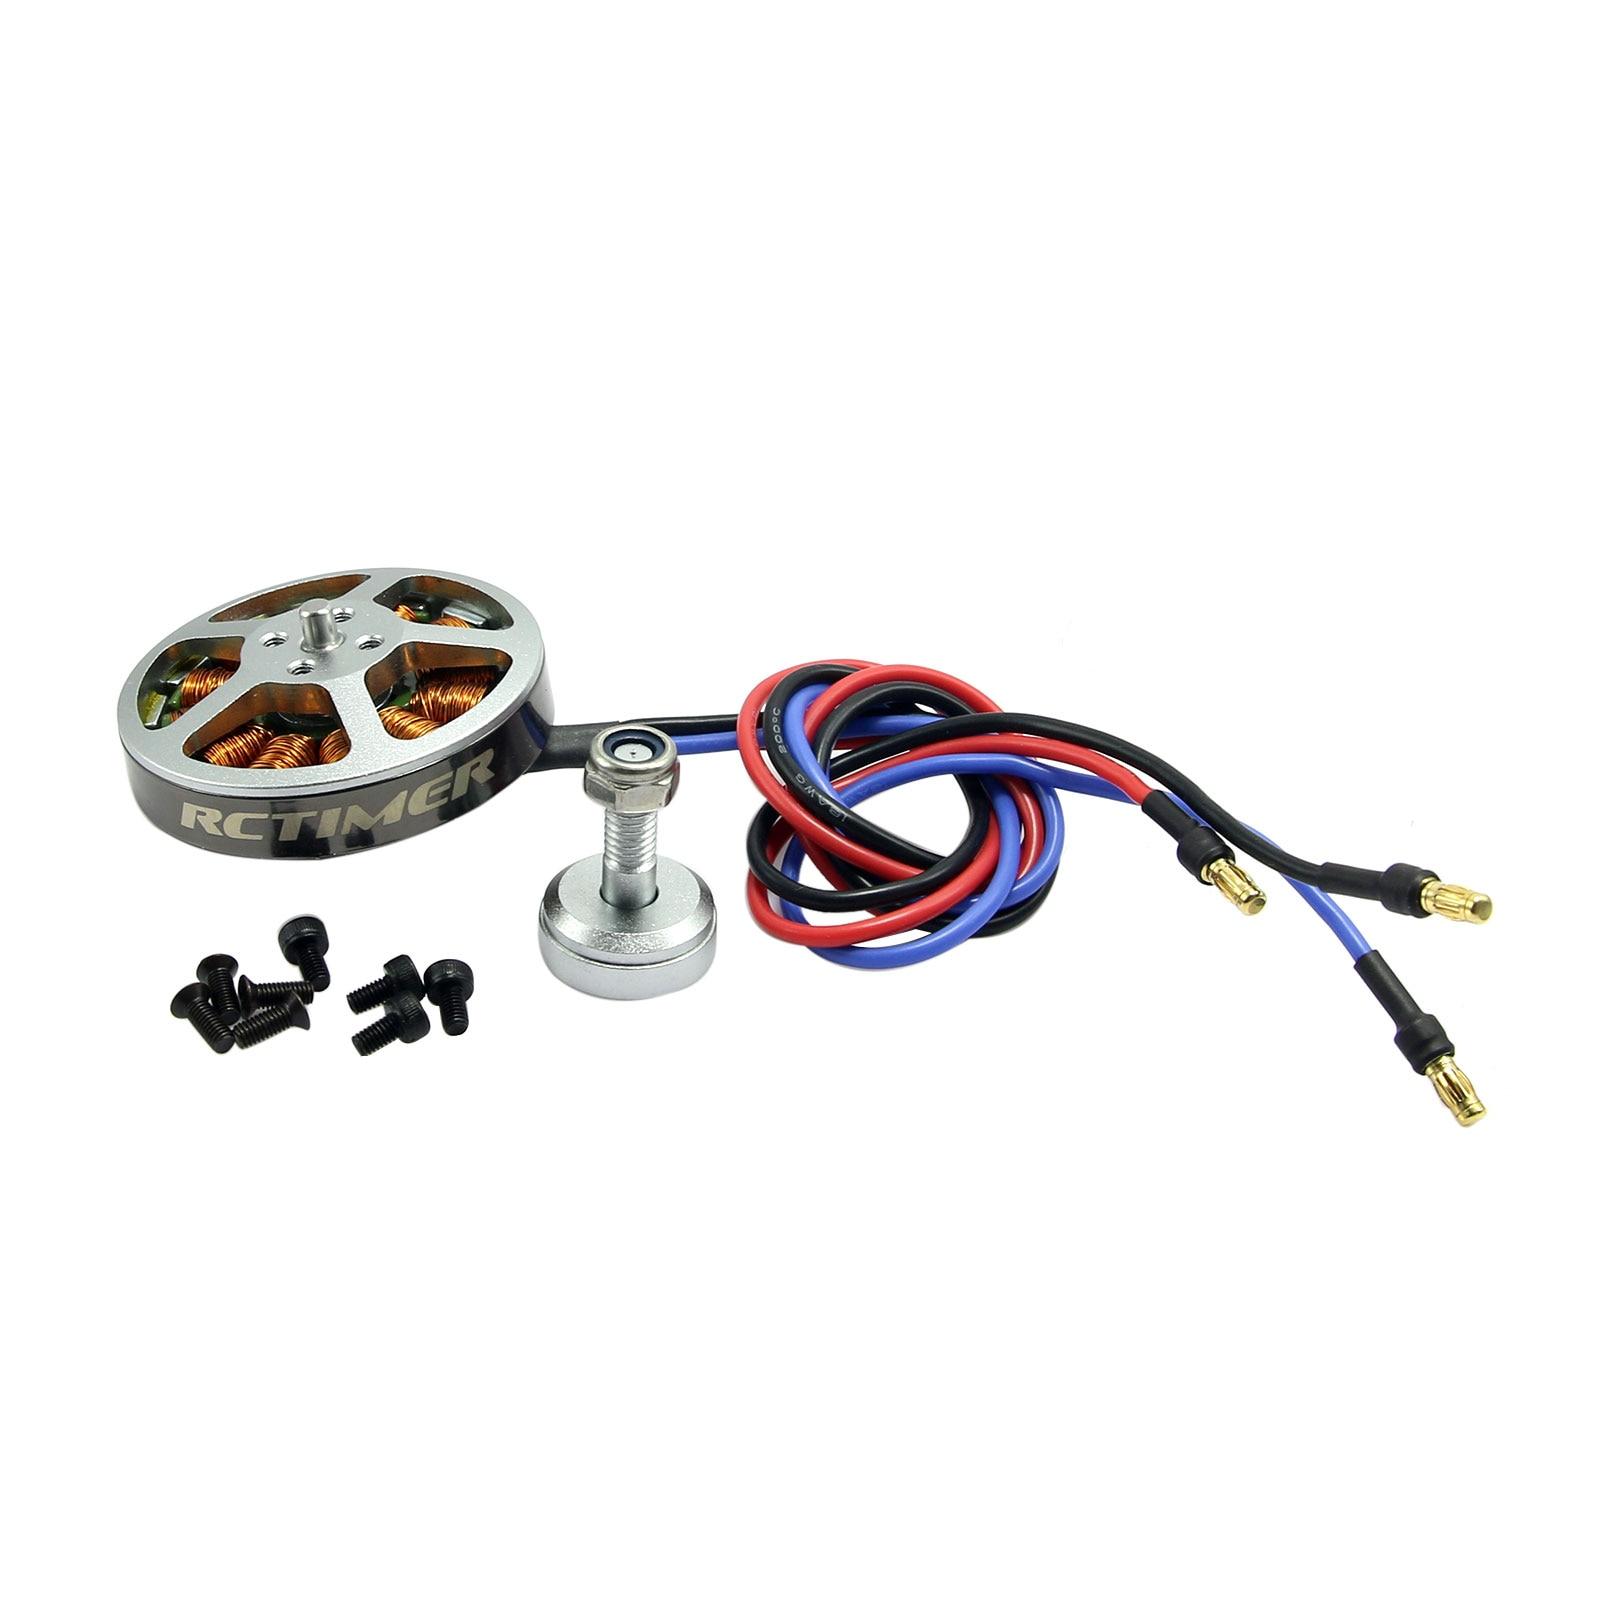 RCtimer 5010 360KV 530KV 620KV Disc Professional Brushless Motor for FPV Drone Quadcopter Multirotor